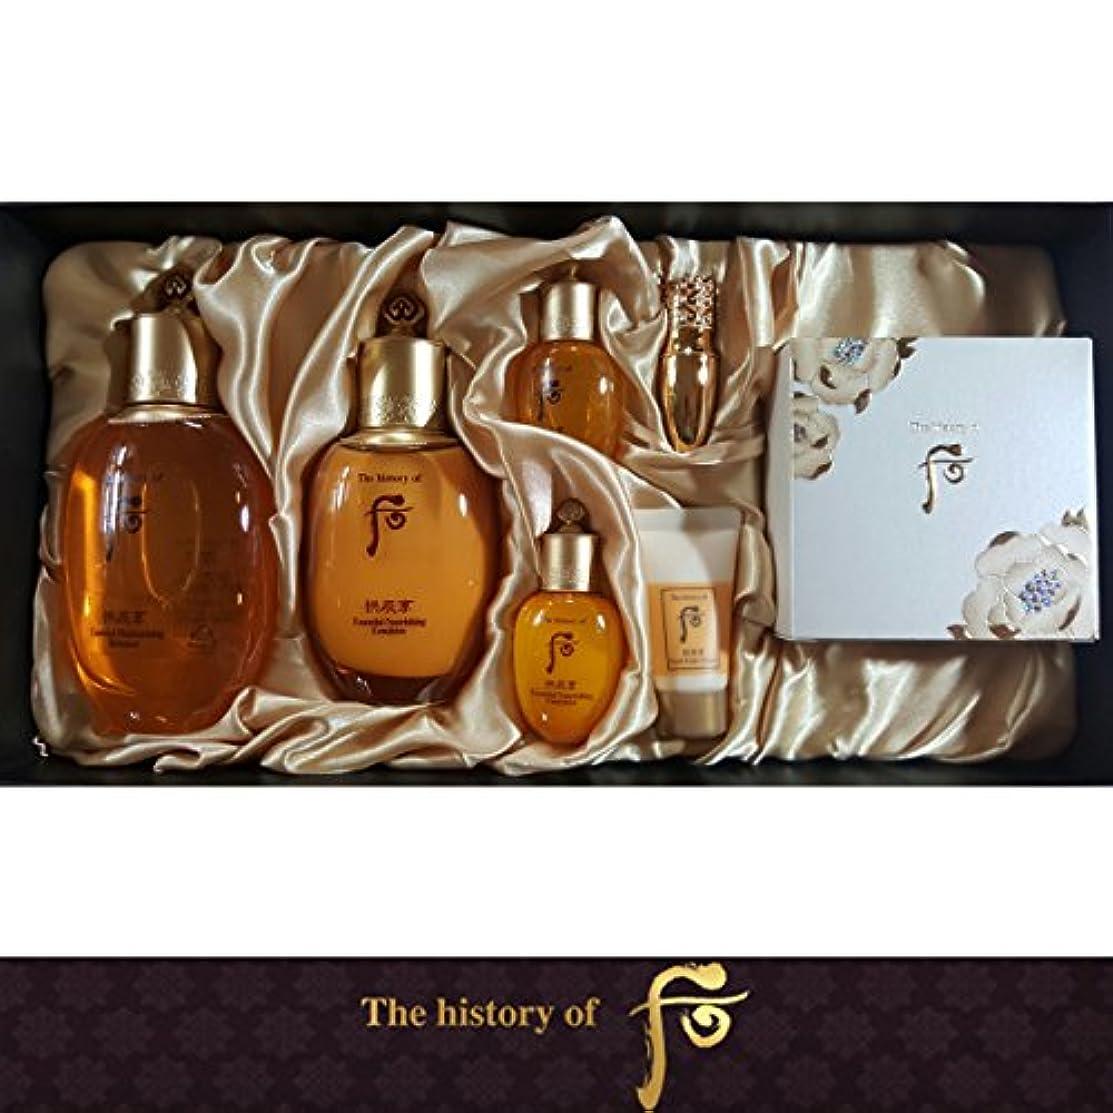 スロープ定刻穏やかな[The History Of Whoo] Whoo 后(フー) Gongjinhyang Royal Court Inyang 3EA ゴンジンヒャン Special Set/宮廷セット 引き揚げ 3種 のスペシャル...